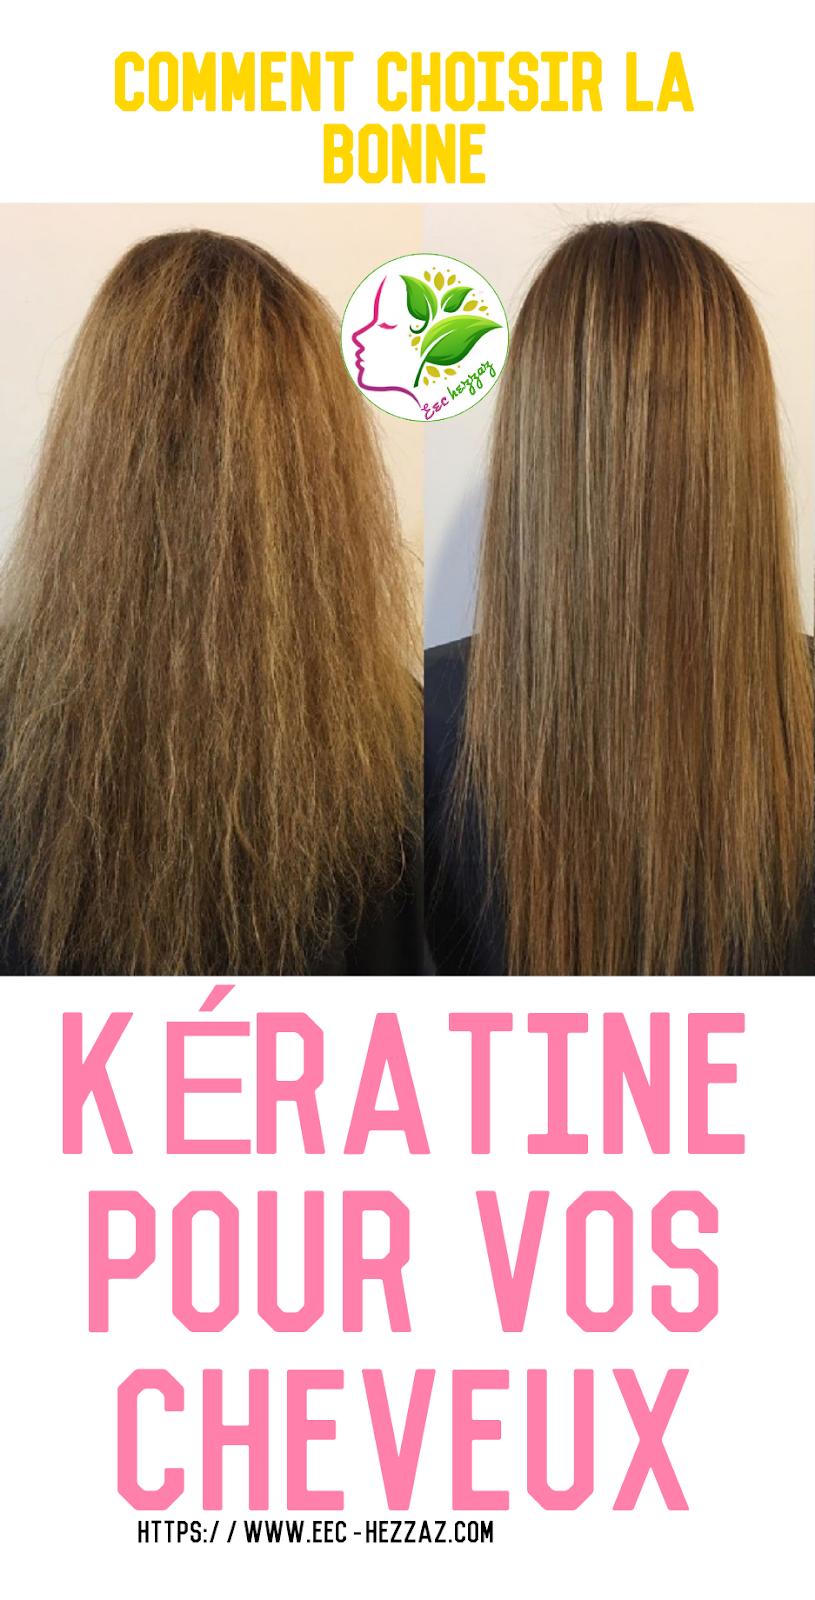 Comment choisir la bonne kératine pour vos cheveux